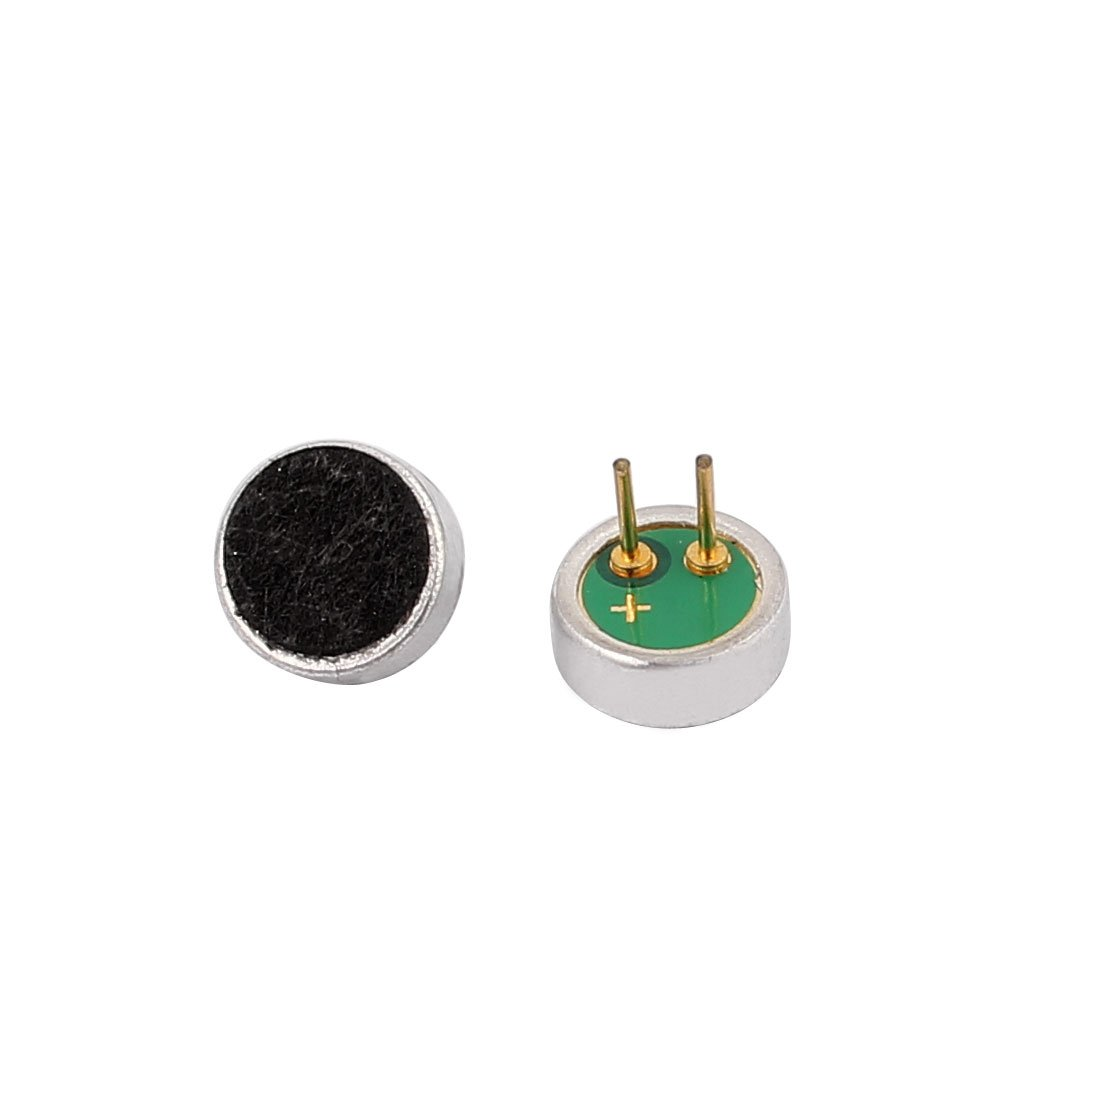 sourcing map 4Pcs Micr/ófono De Condensador Electret De Alta Sensibilidad Recogedor 6X2mm 30-32dB